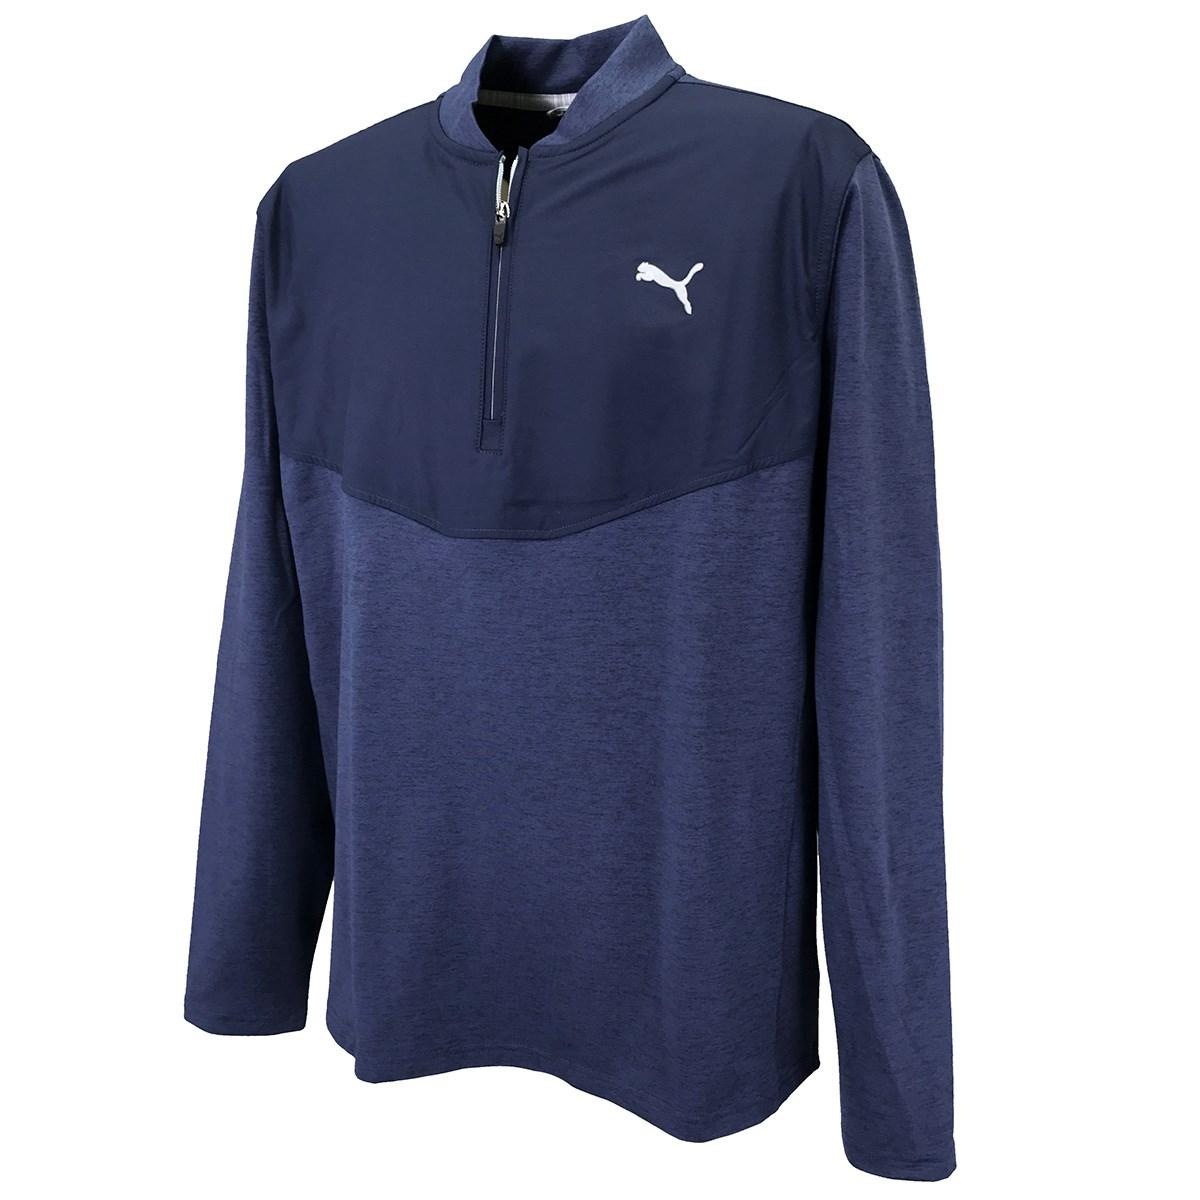 プーマ PUMA クラウドスパン 1/4ジップ 長袖シャツ XS ピーコートヘザー 02